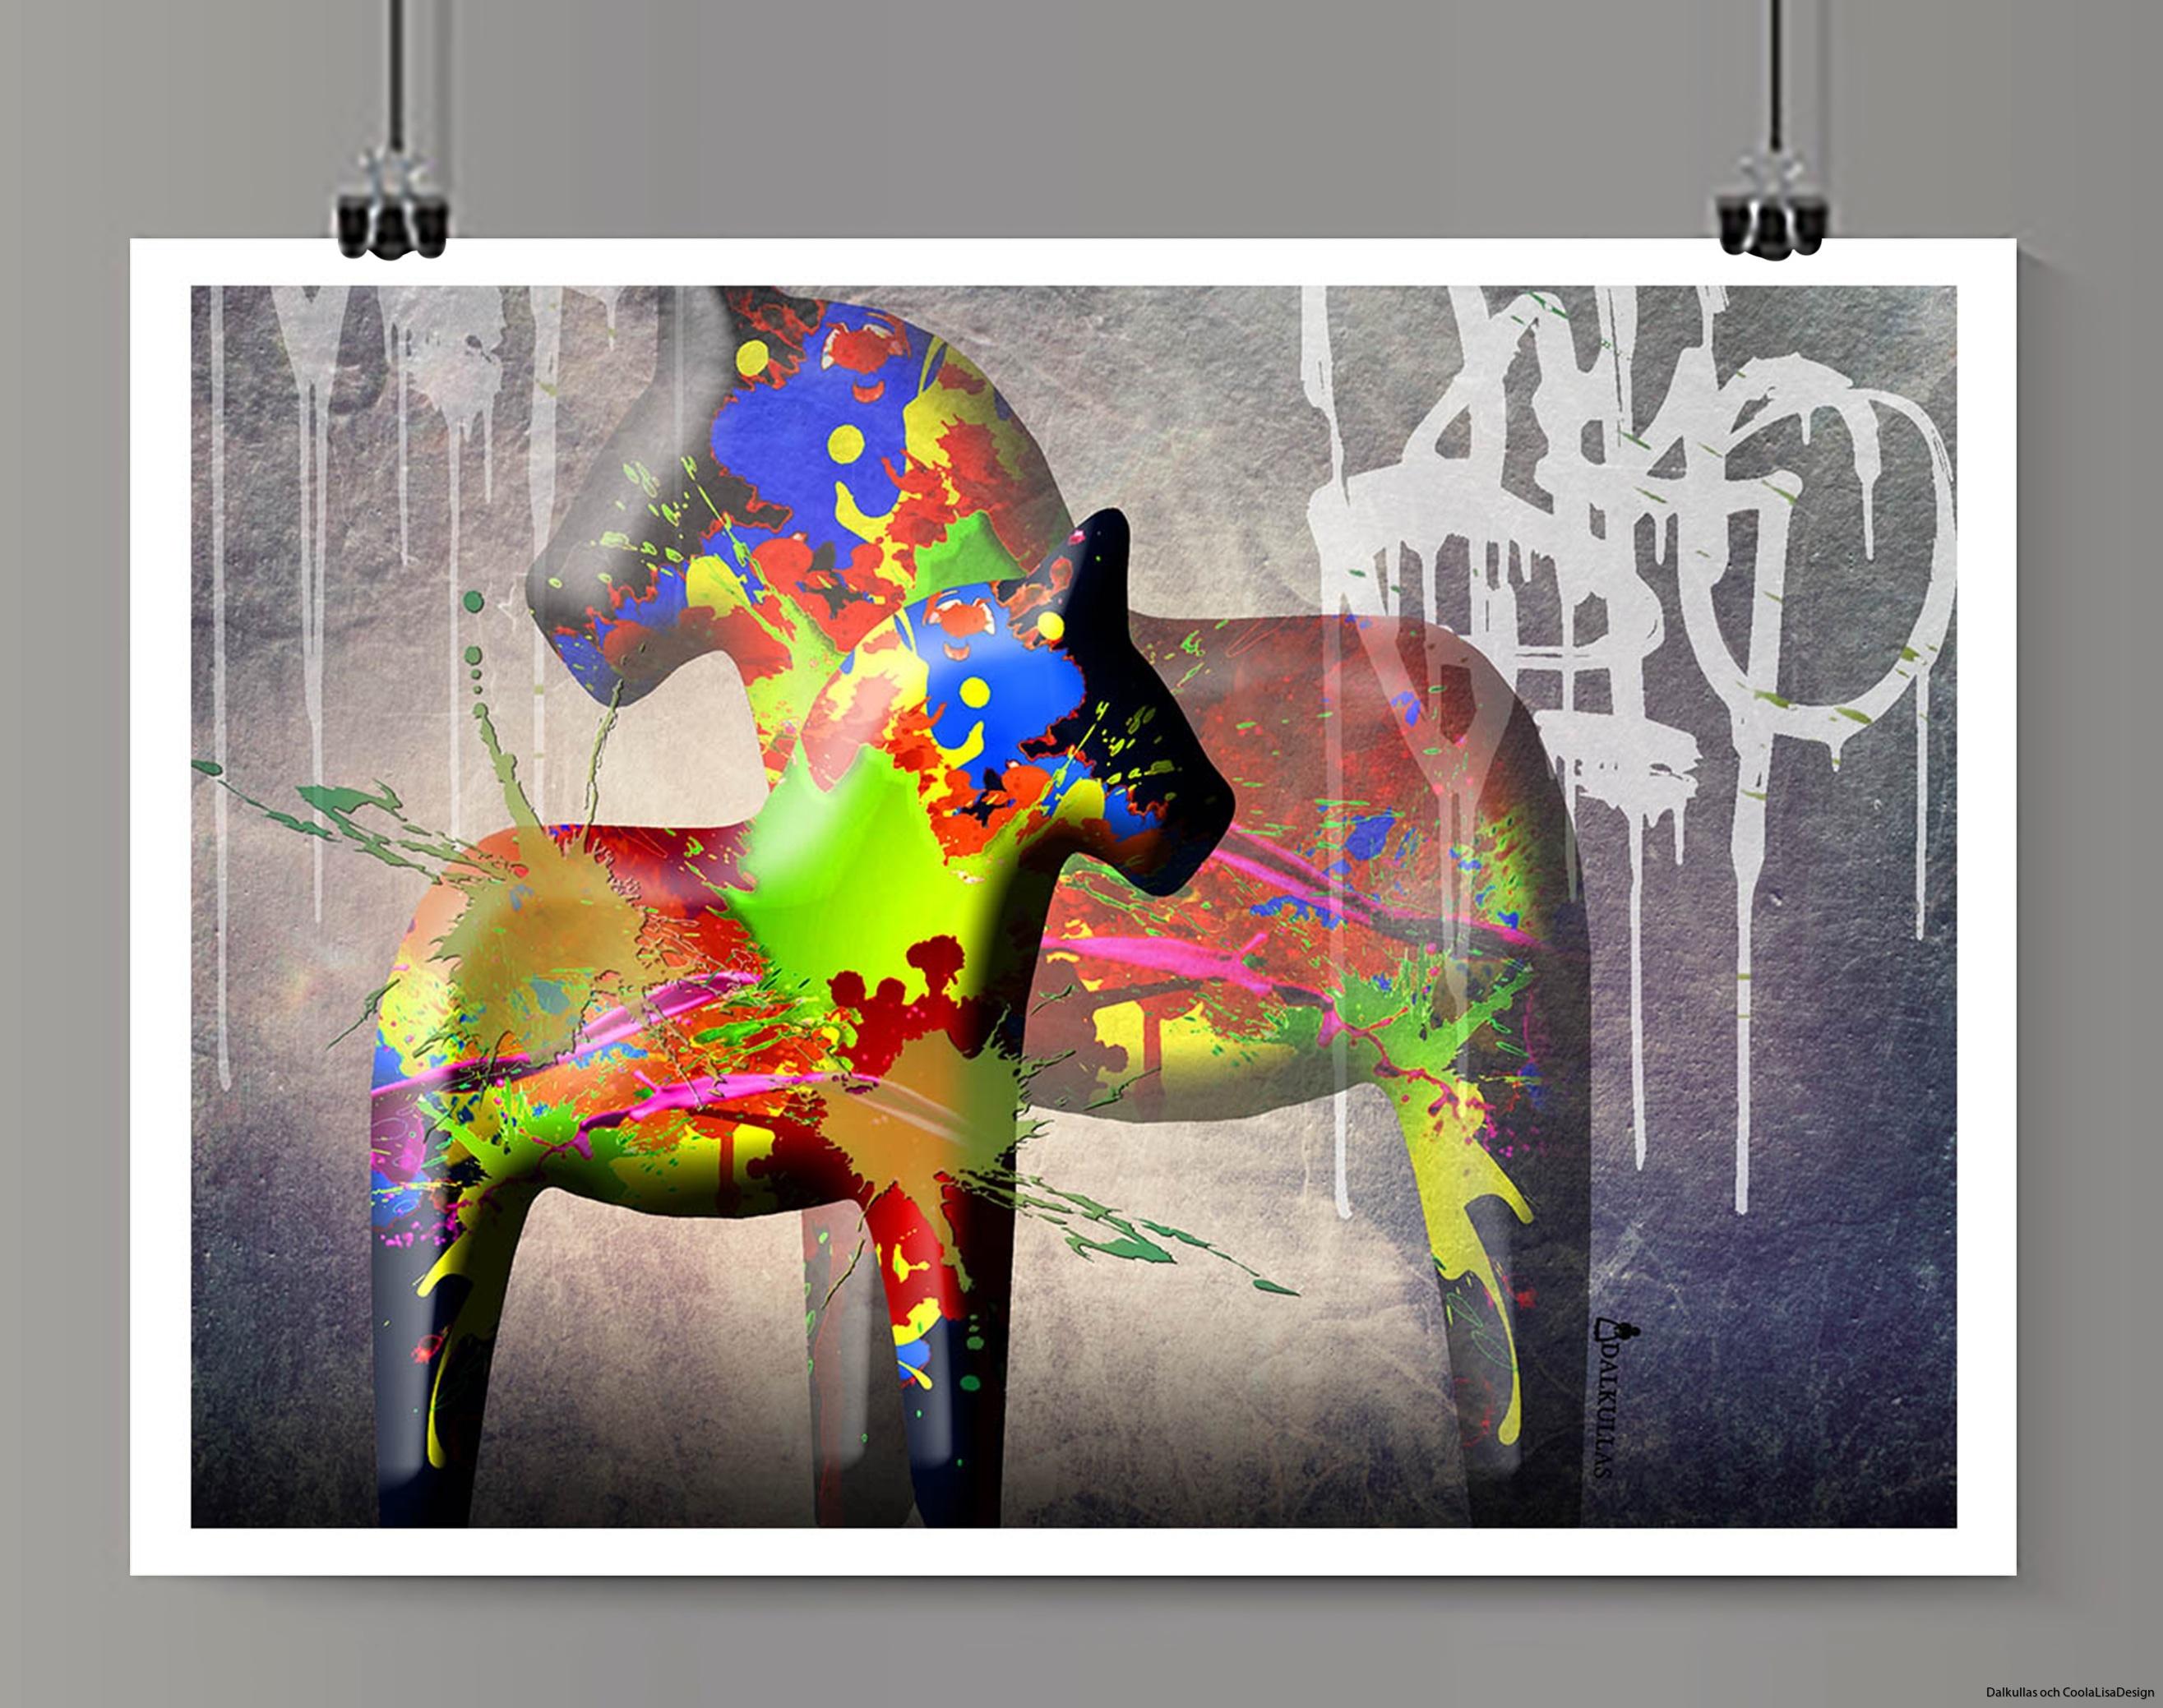 dalahäst graffiti 2